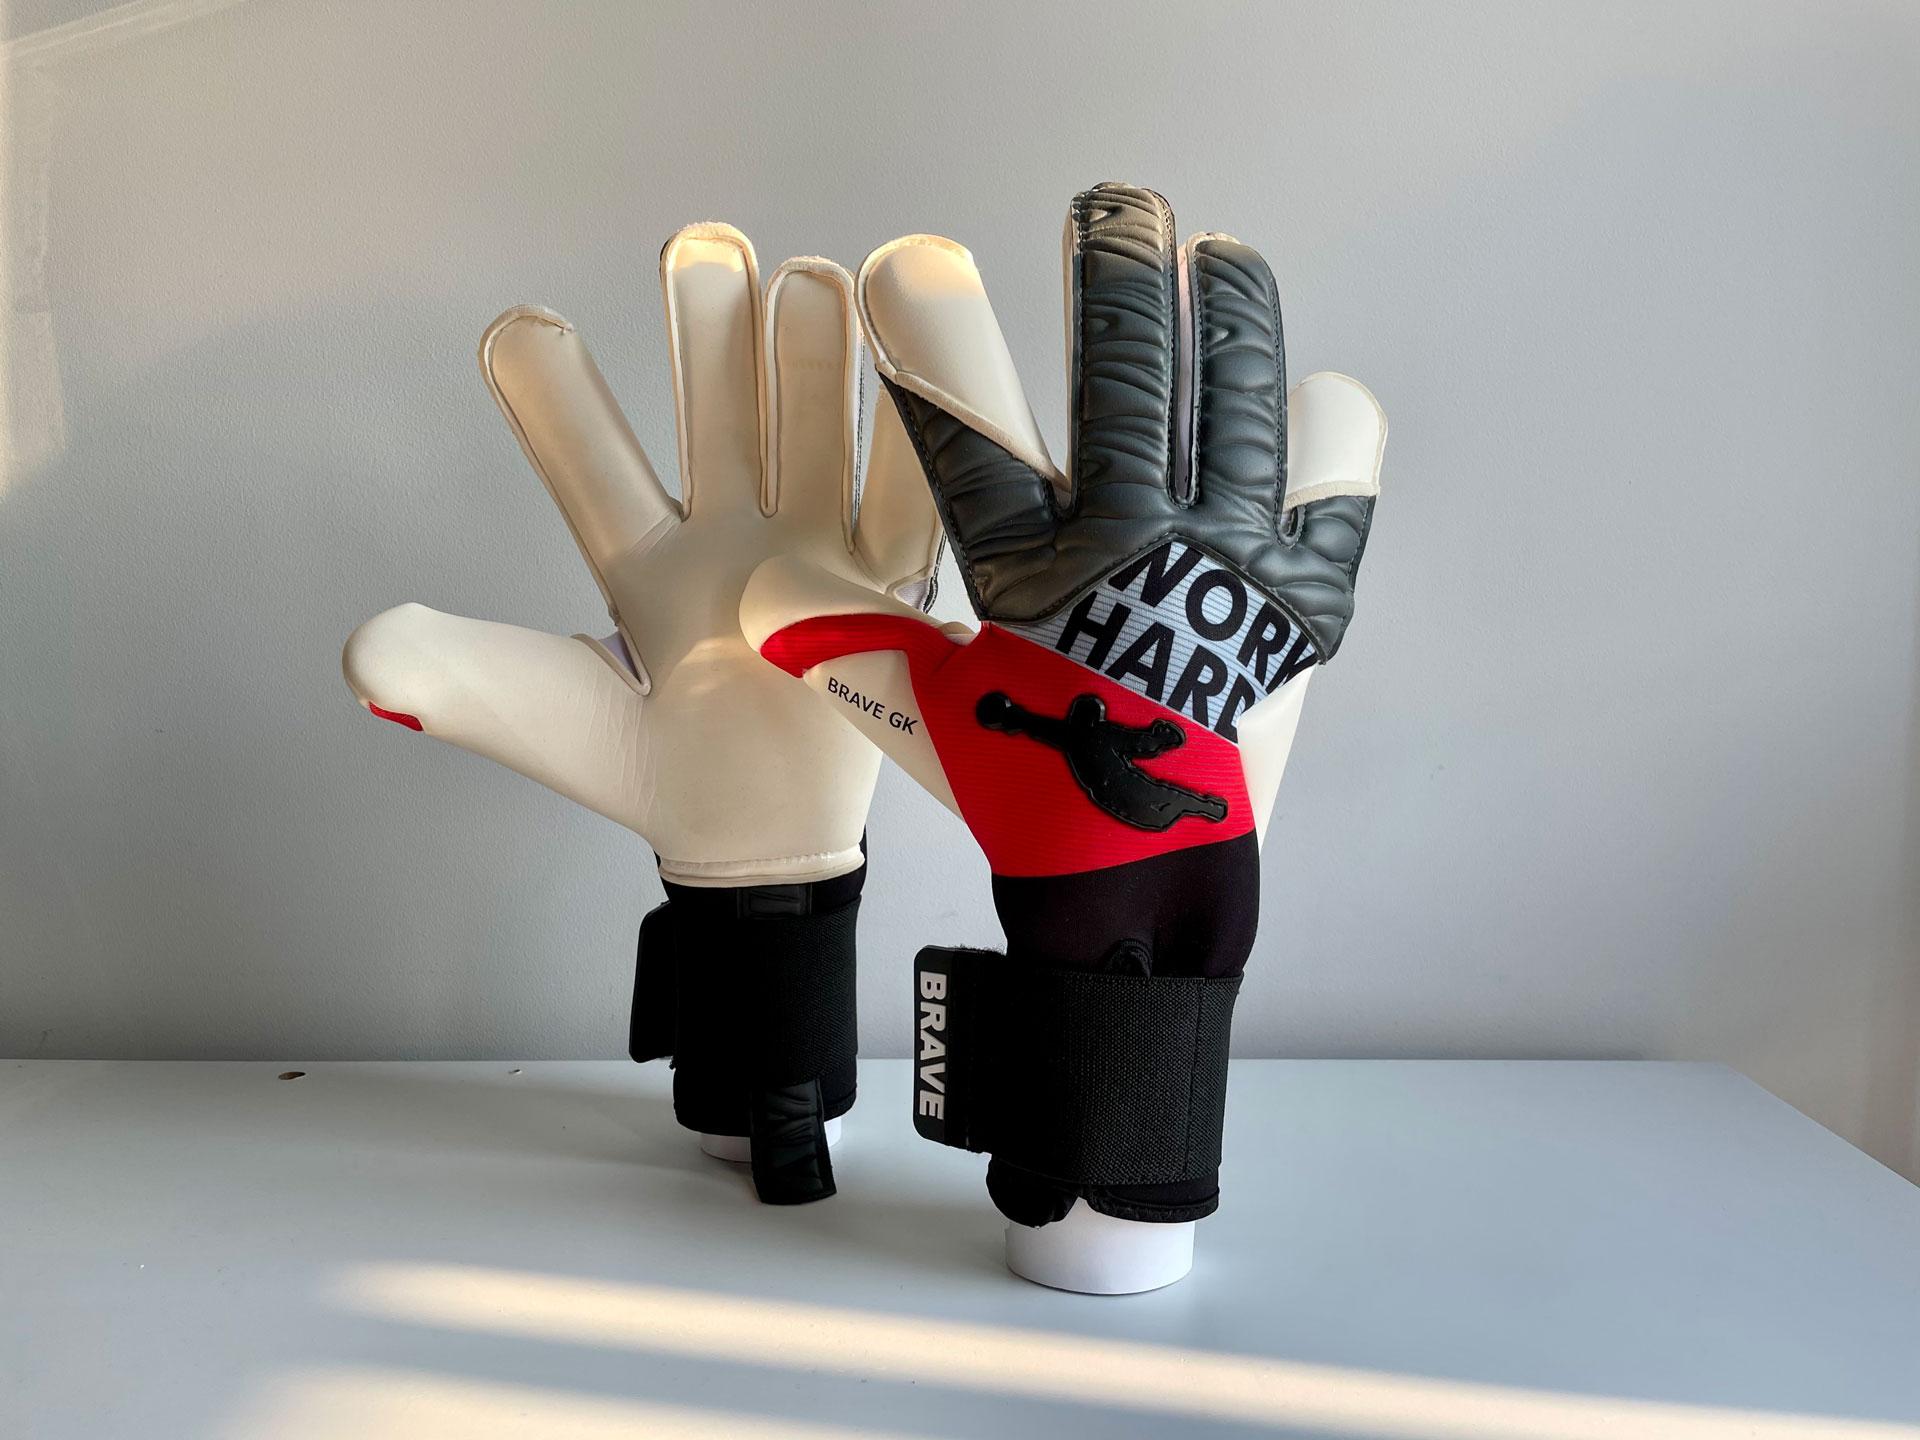 Воротарські рукавиці Brave GK Rescuer - інтернет-магазин Brave GK